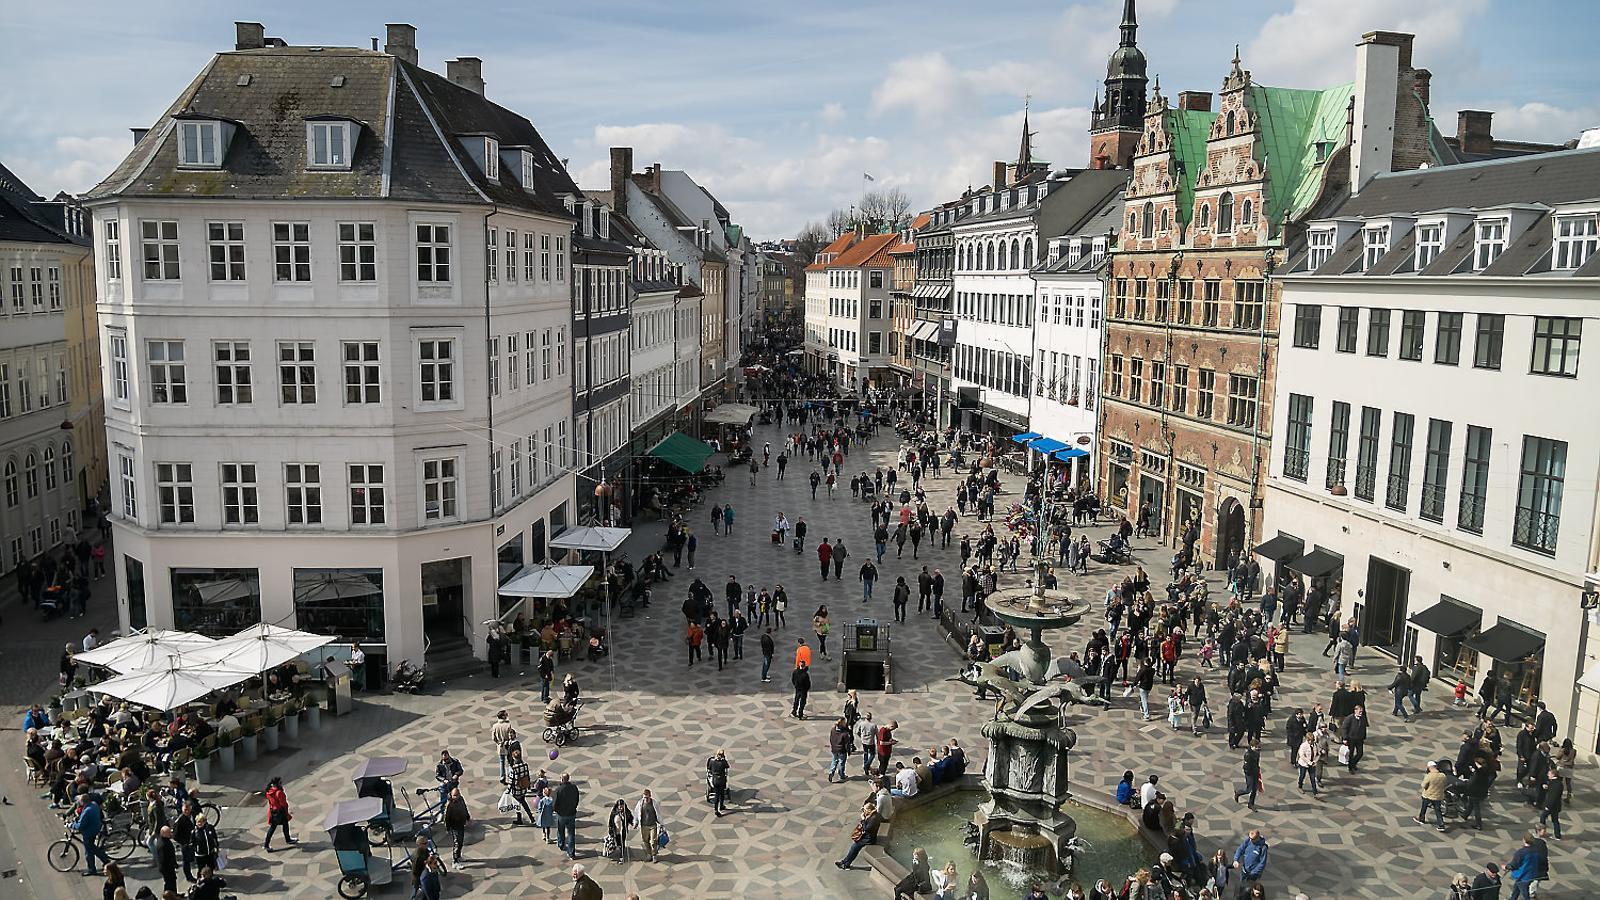 El govern danès premiarà amb exempcions fiscals els usuaris de la plataforma de lloguer.